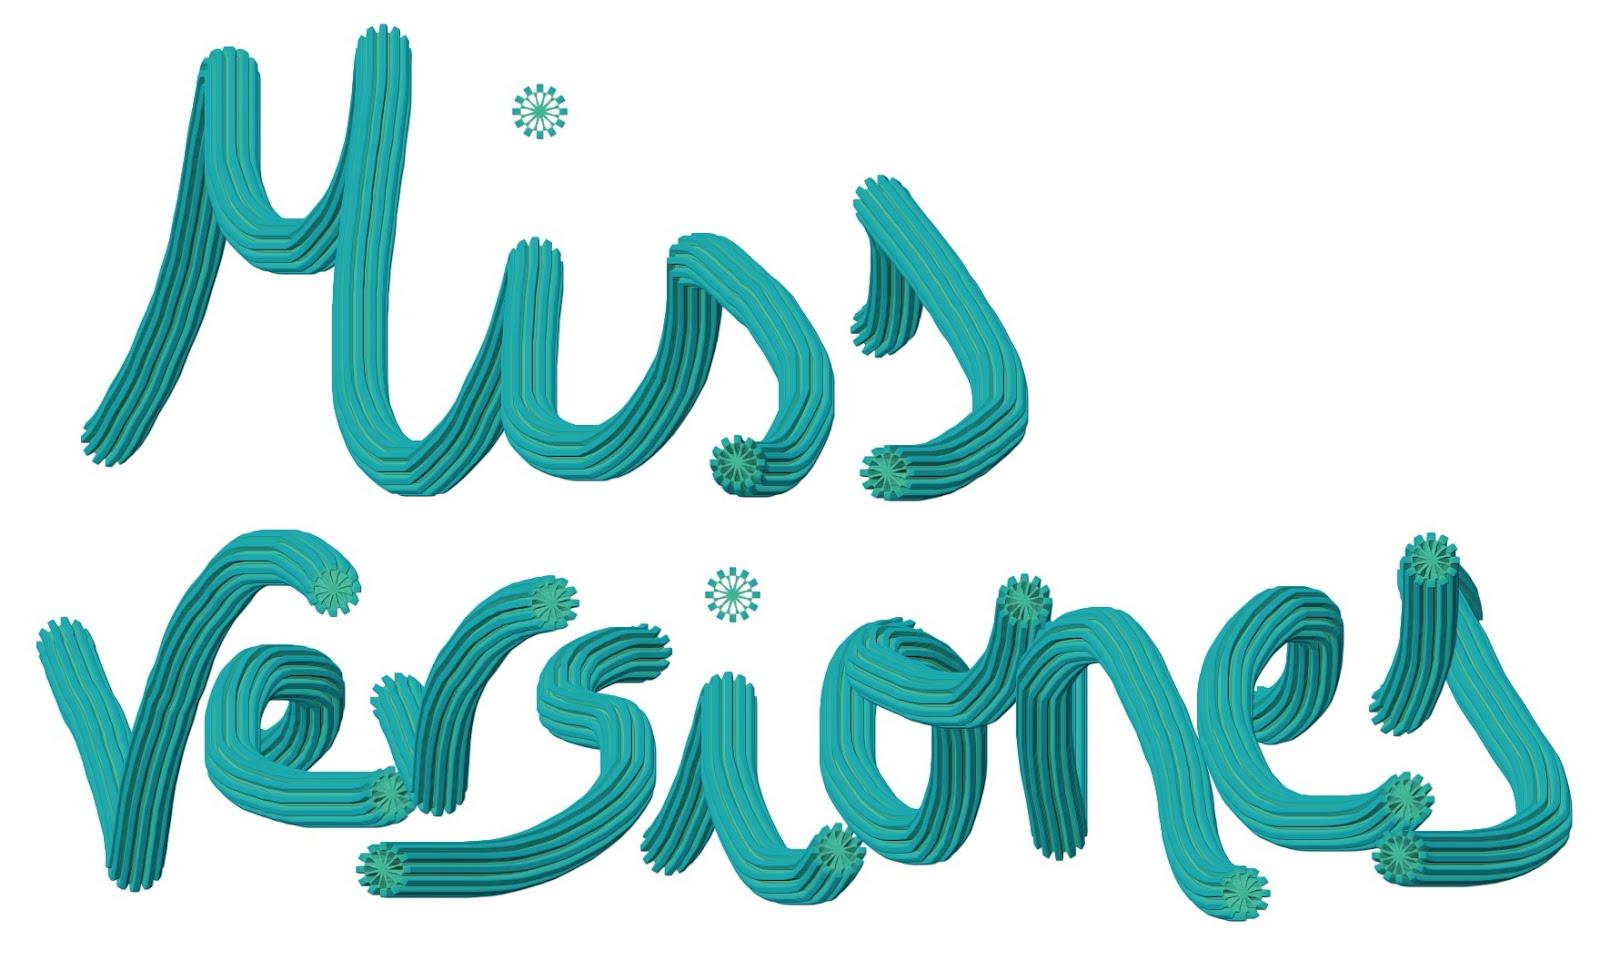 Missversiones